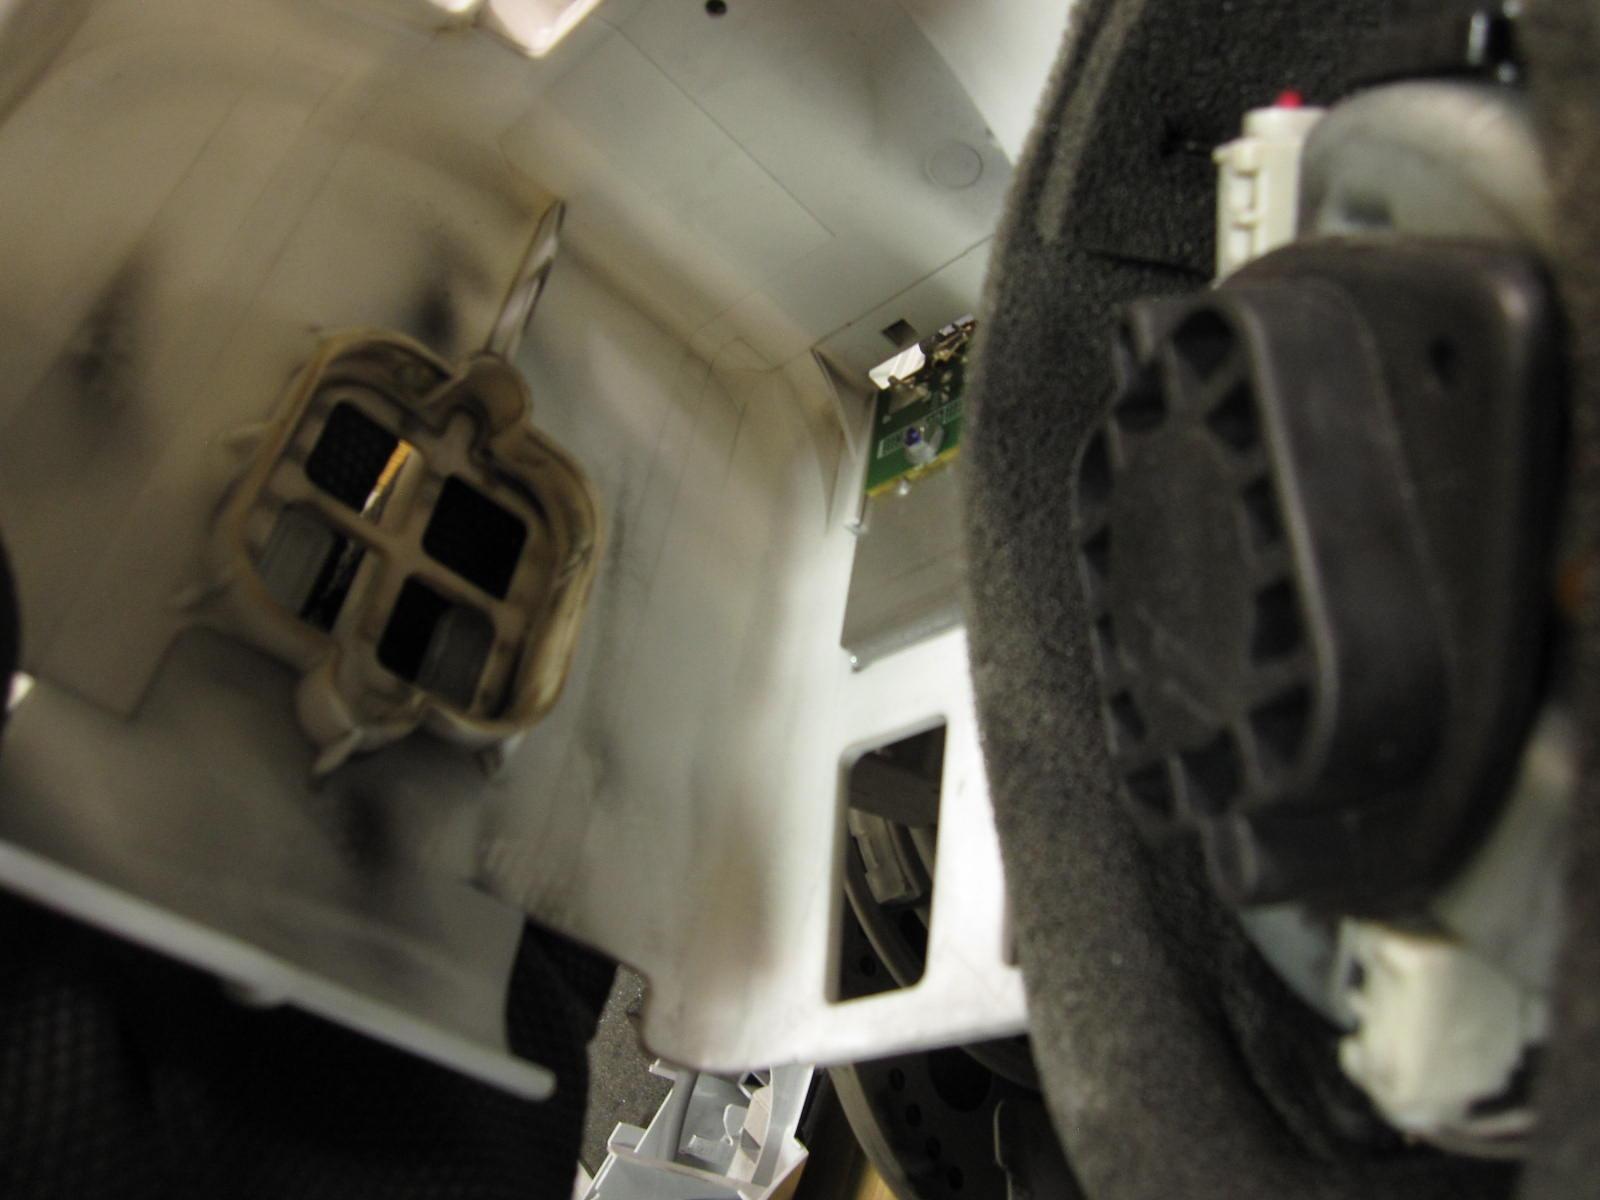 ヮンコRの車内掃除に使うかも??知れない焦げ臭い家庭用掃除機のモーターブラシを交換してみたよwその②